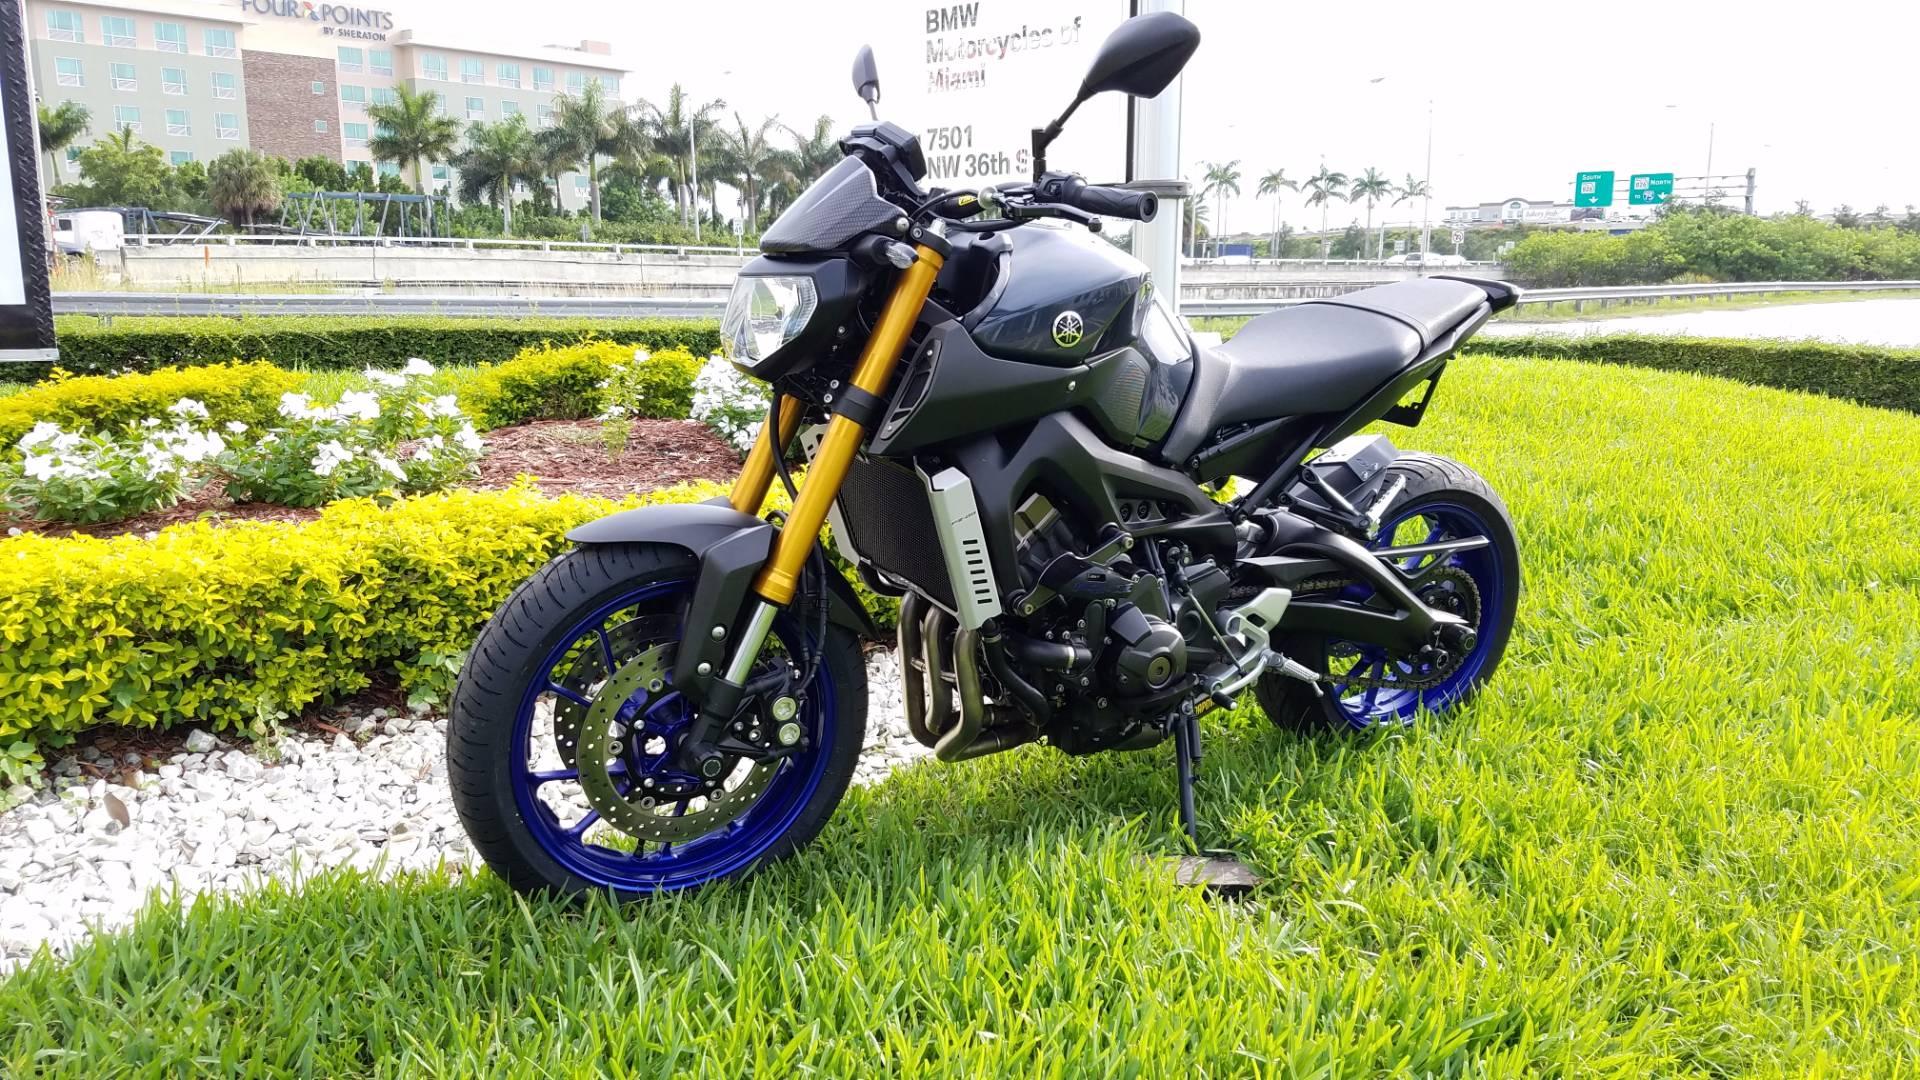 2014 Yamaha FZ-09 4